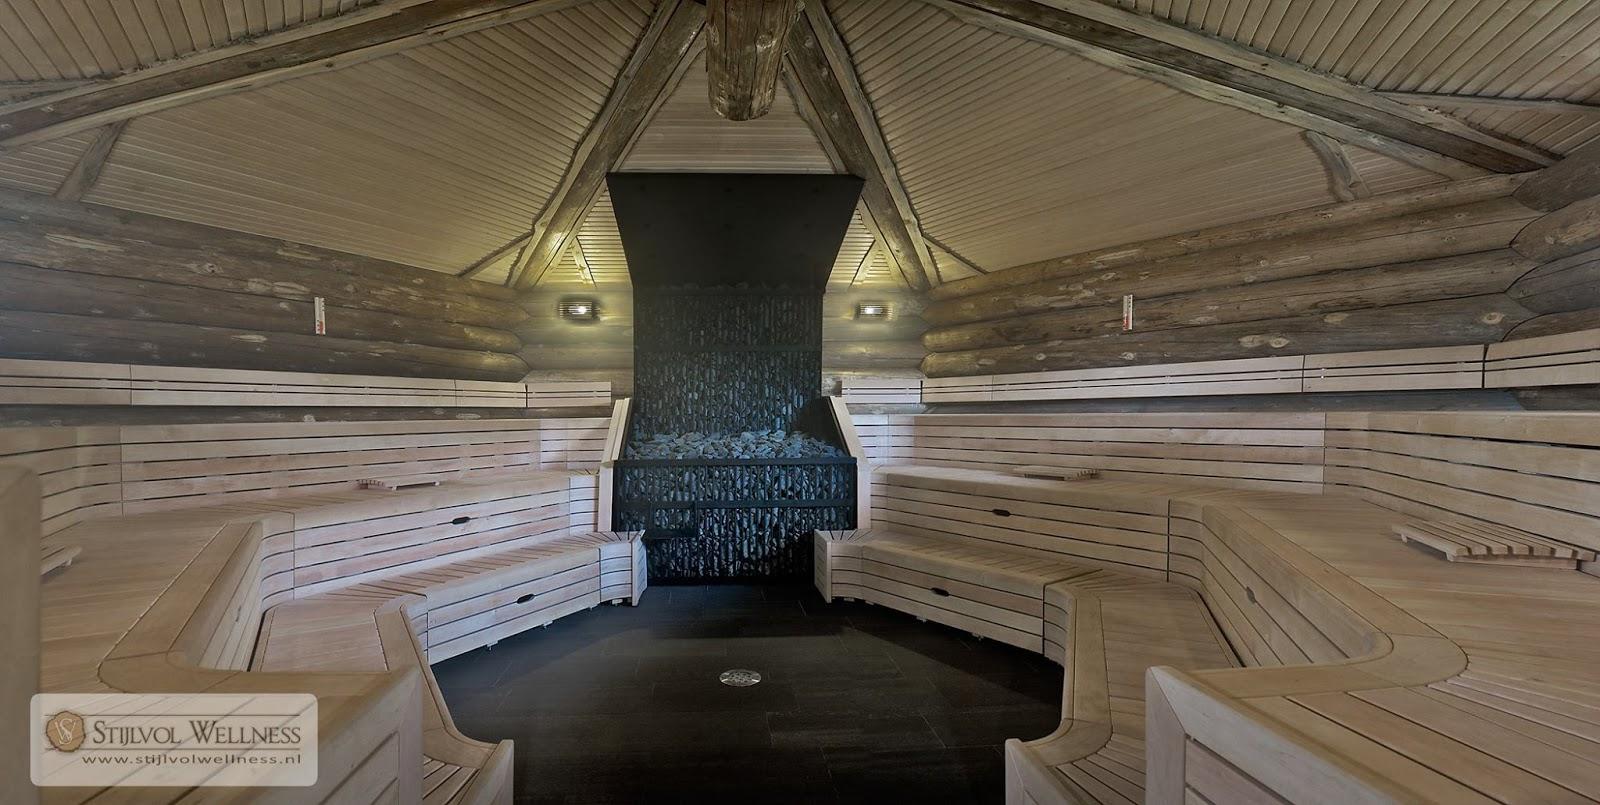 Stijlvol wellness sauna faciliteiten die werken